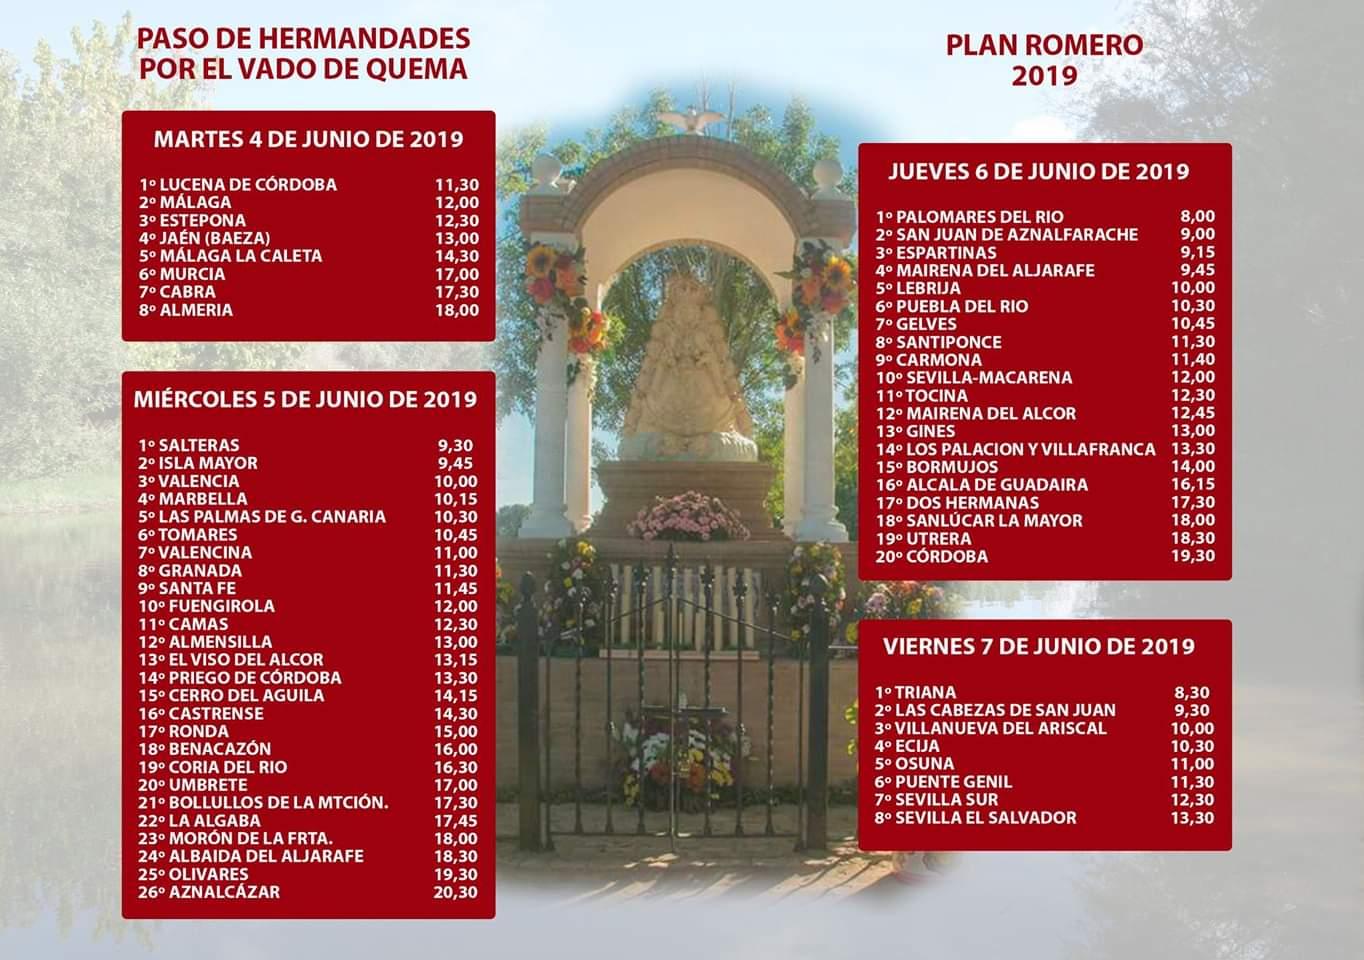 PASO DE HERMANDADES POR EL VADO DEL QUEMA